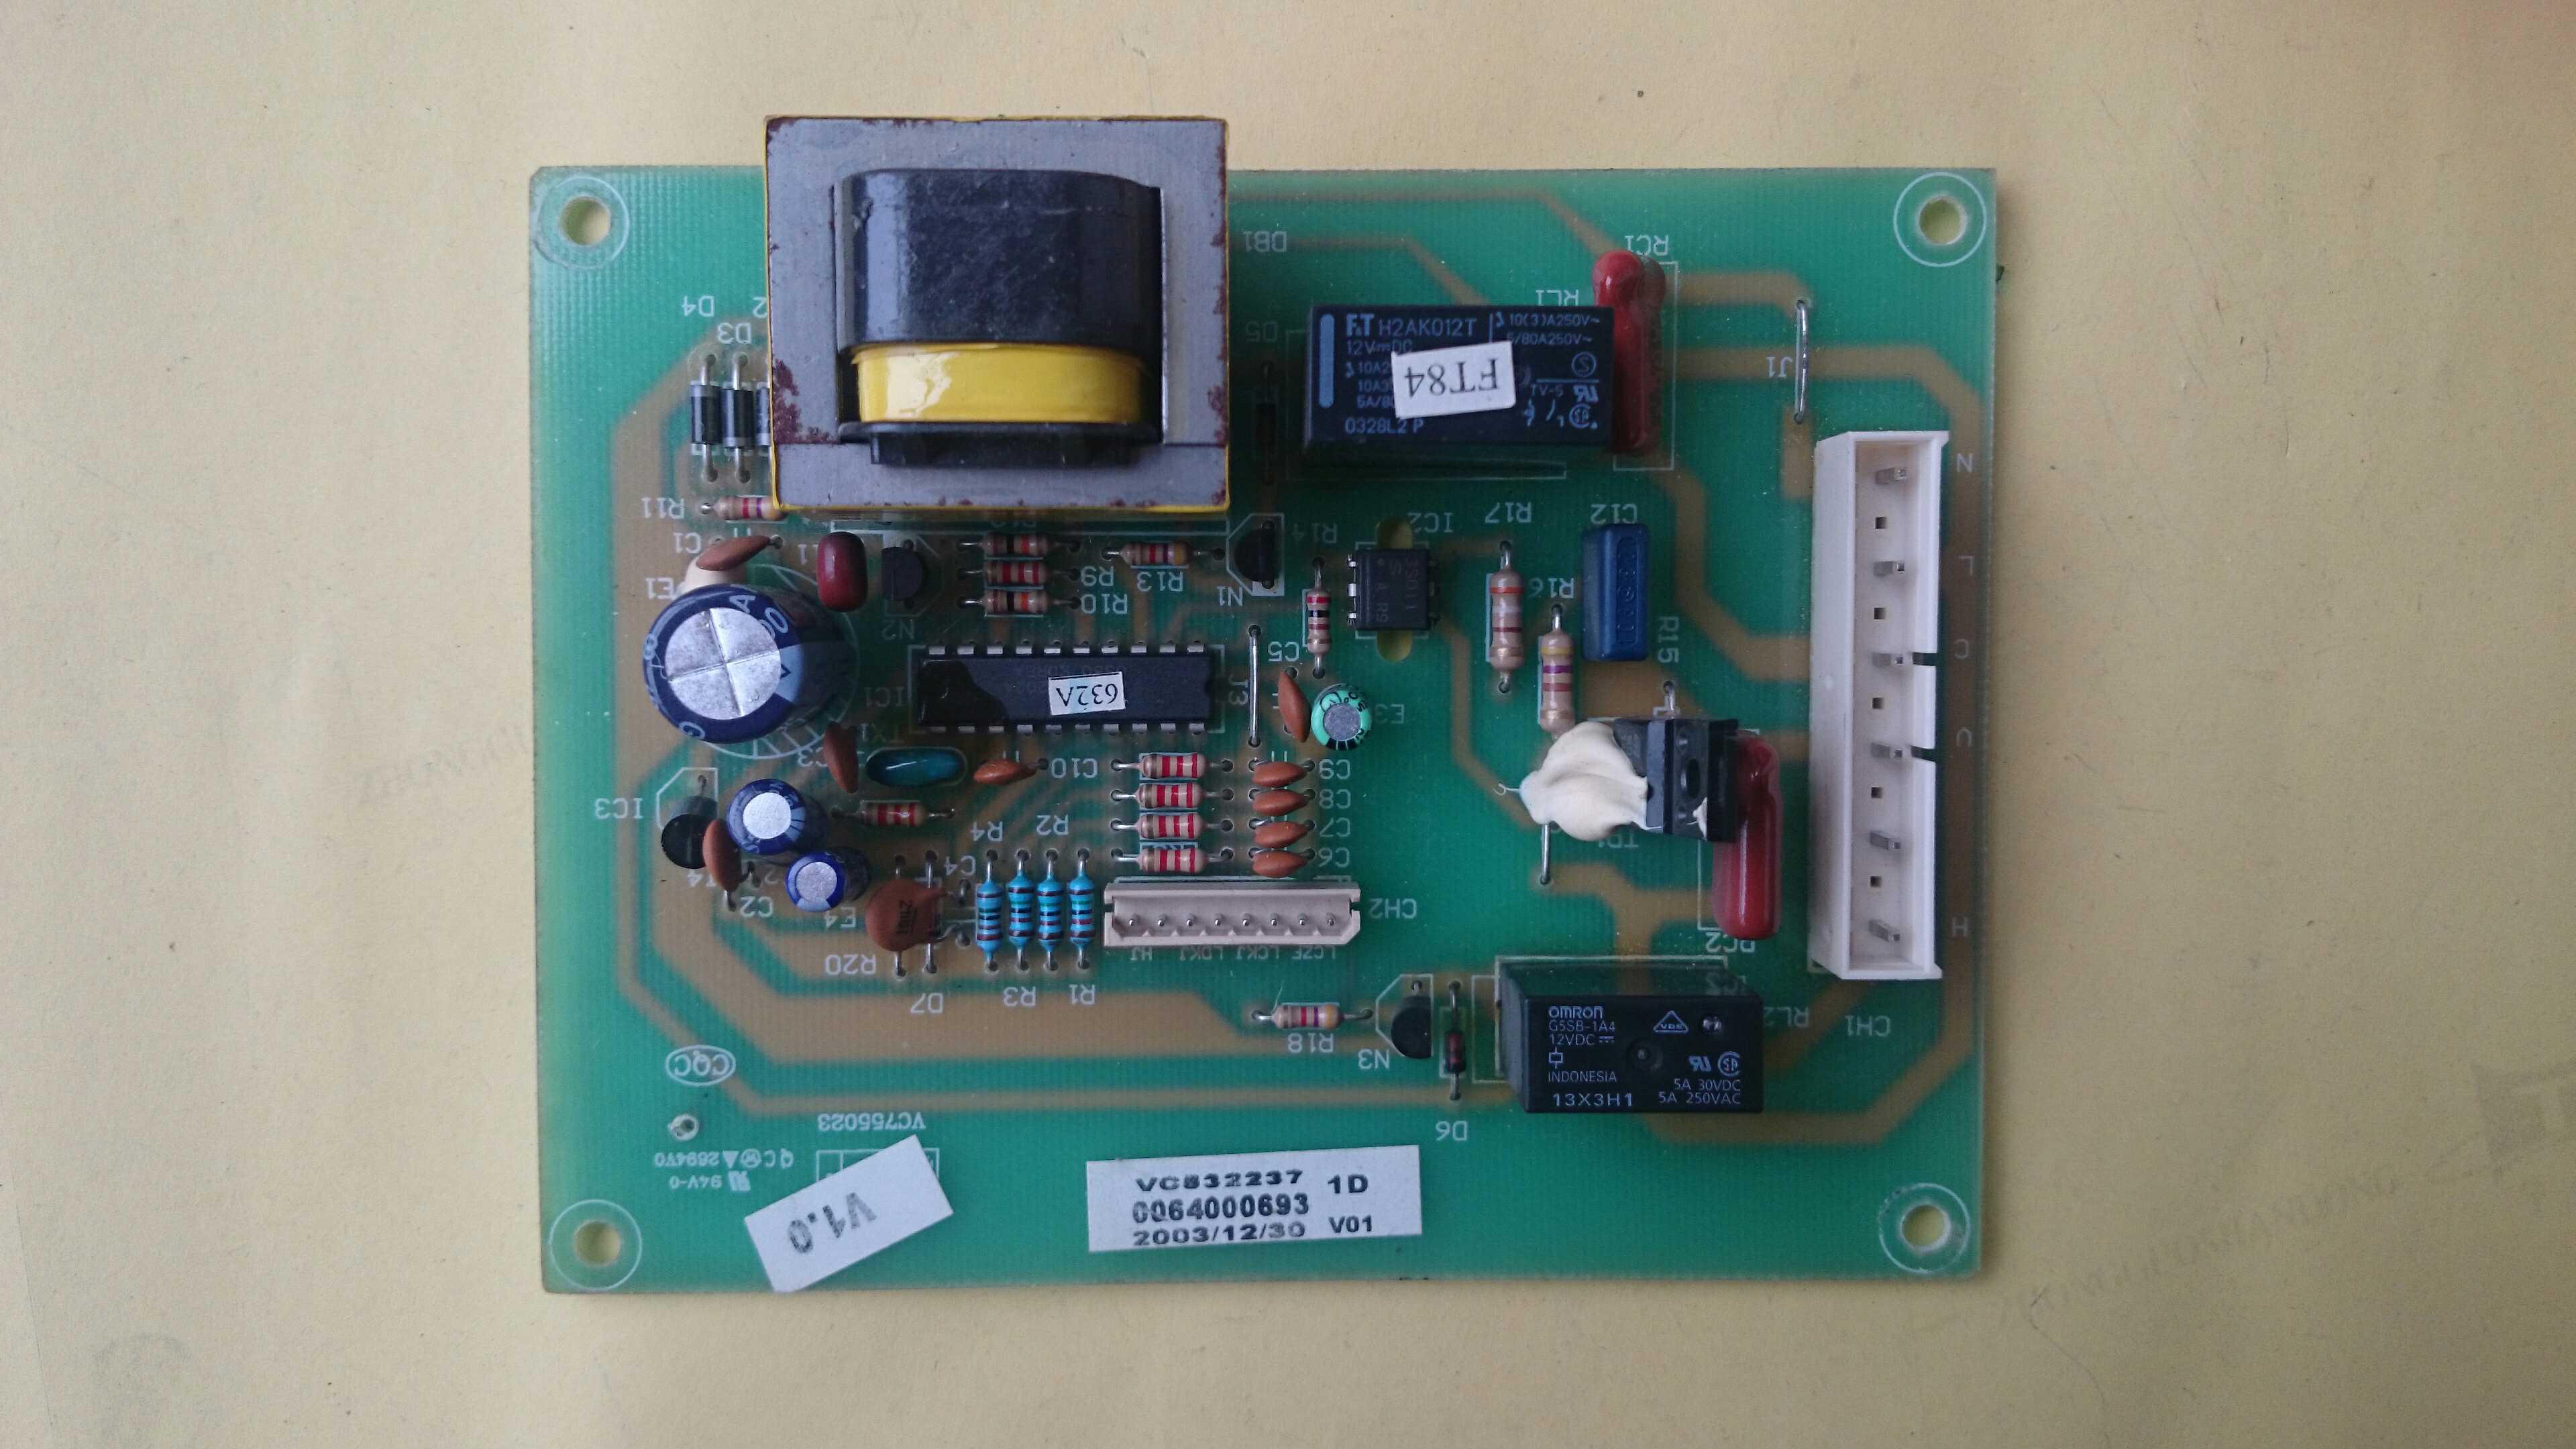 The original Haier refrigerator power main control board 0064000693 for Haier refrigerator BCD-206ZMD haier refrigerator power board master control board inverter board 0064000489 bcd 163e b 173 e etc